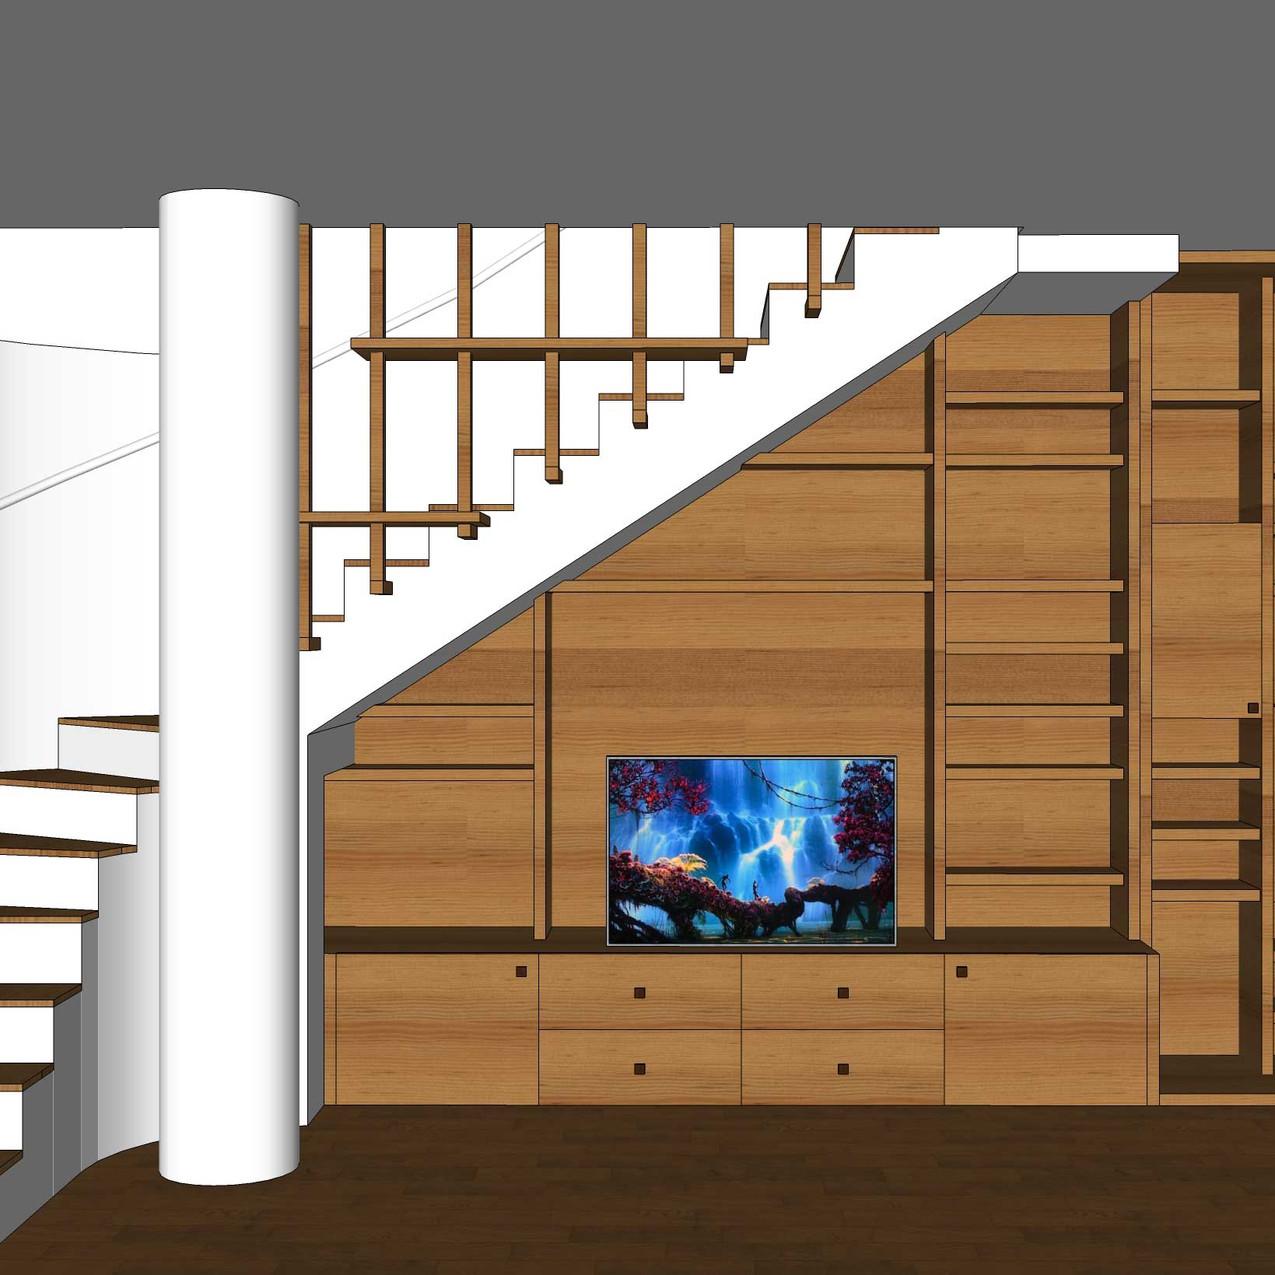 Mobile soggiorno con base a cassettoni porta TV e libreria a ripiani fissi.  Arredo in legno massello